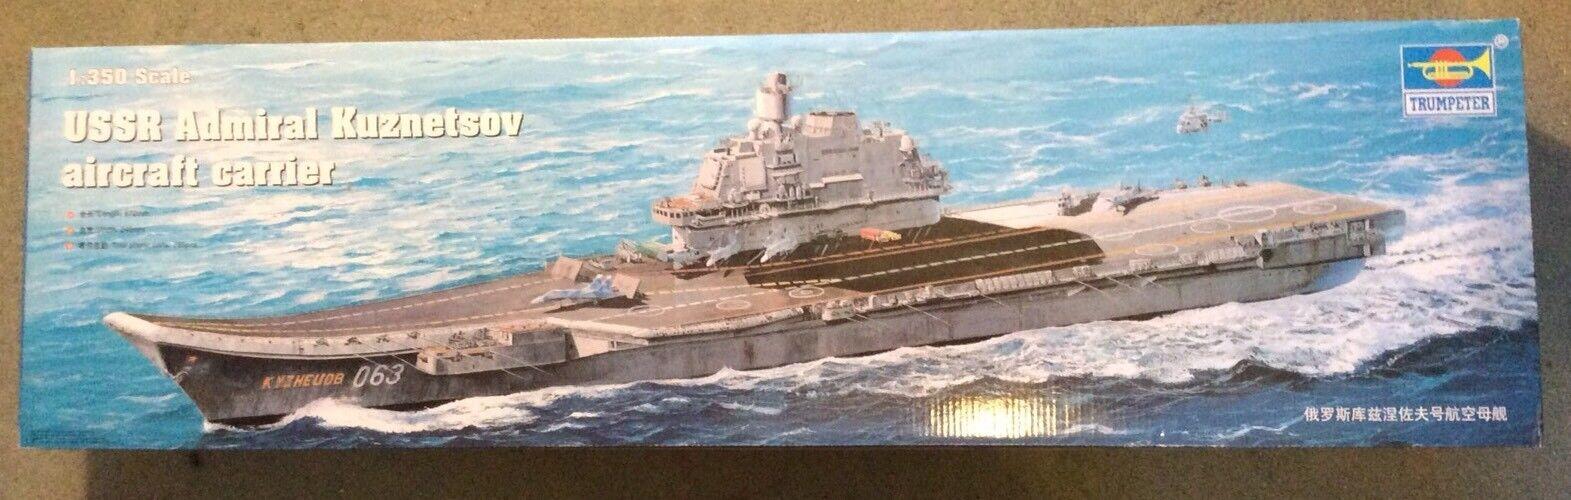 Trumpeter 1 350 USSR Admiral Kuznetsov Aircraft Carrier